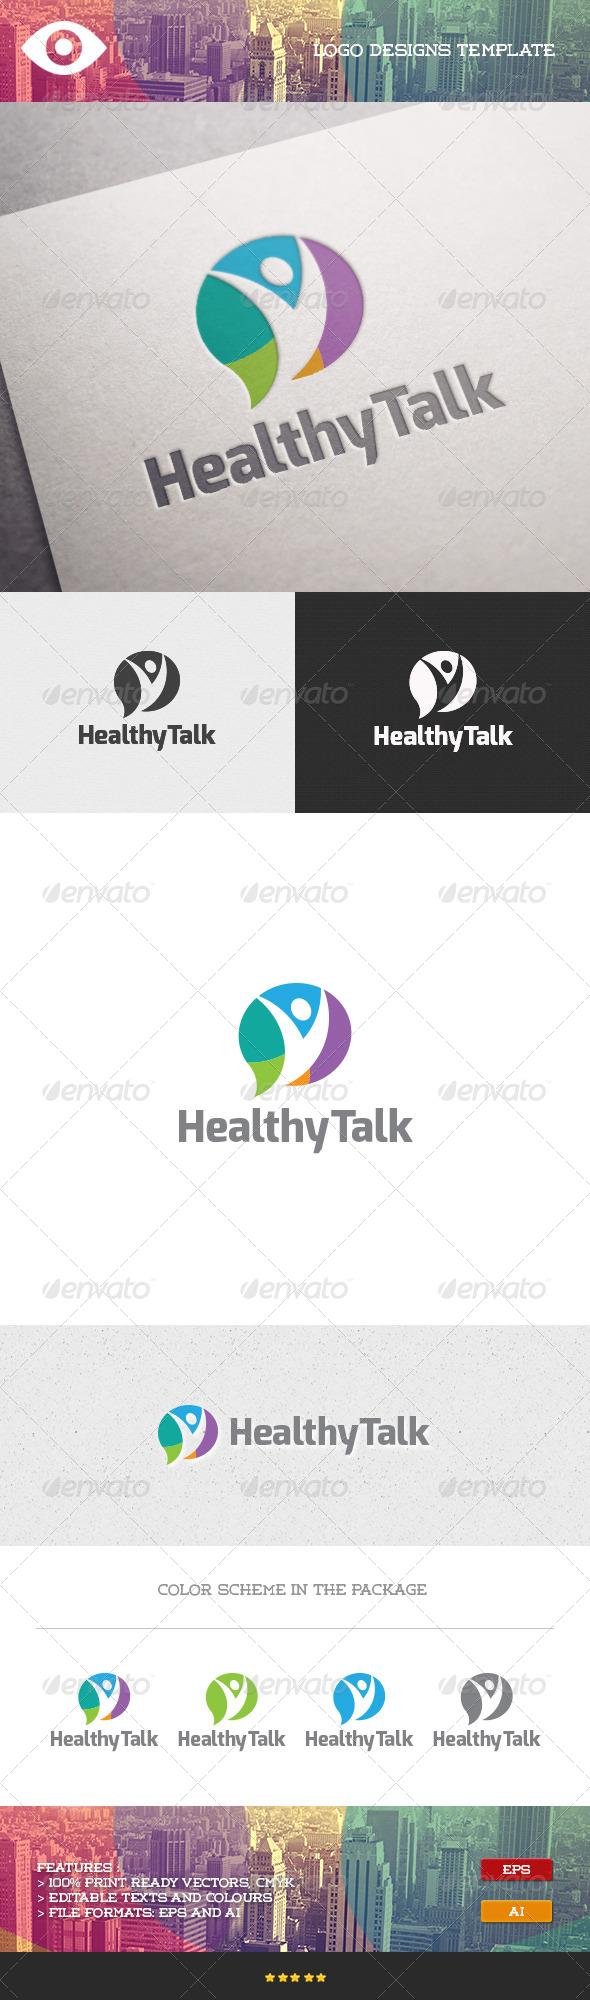 GraphicRiver Healthy Talk Logo 7098824